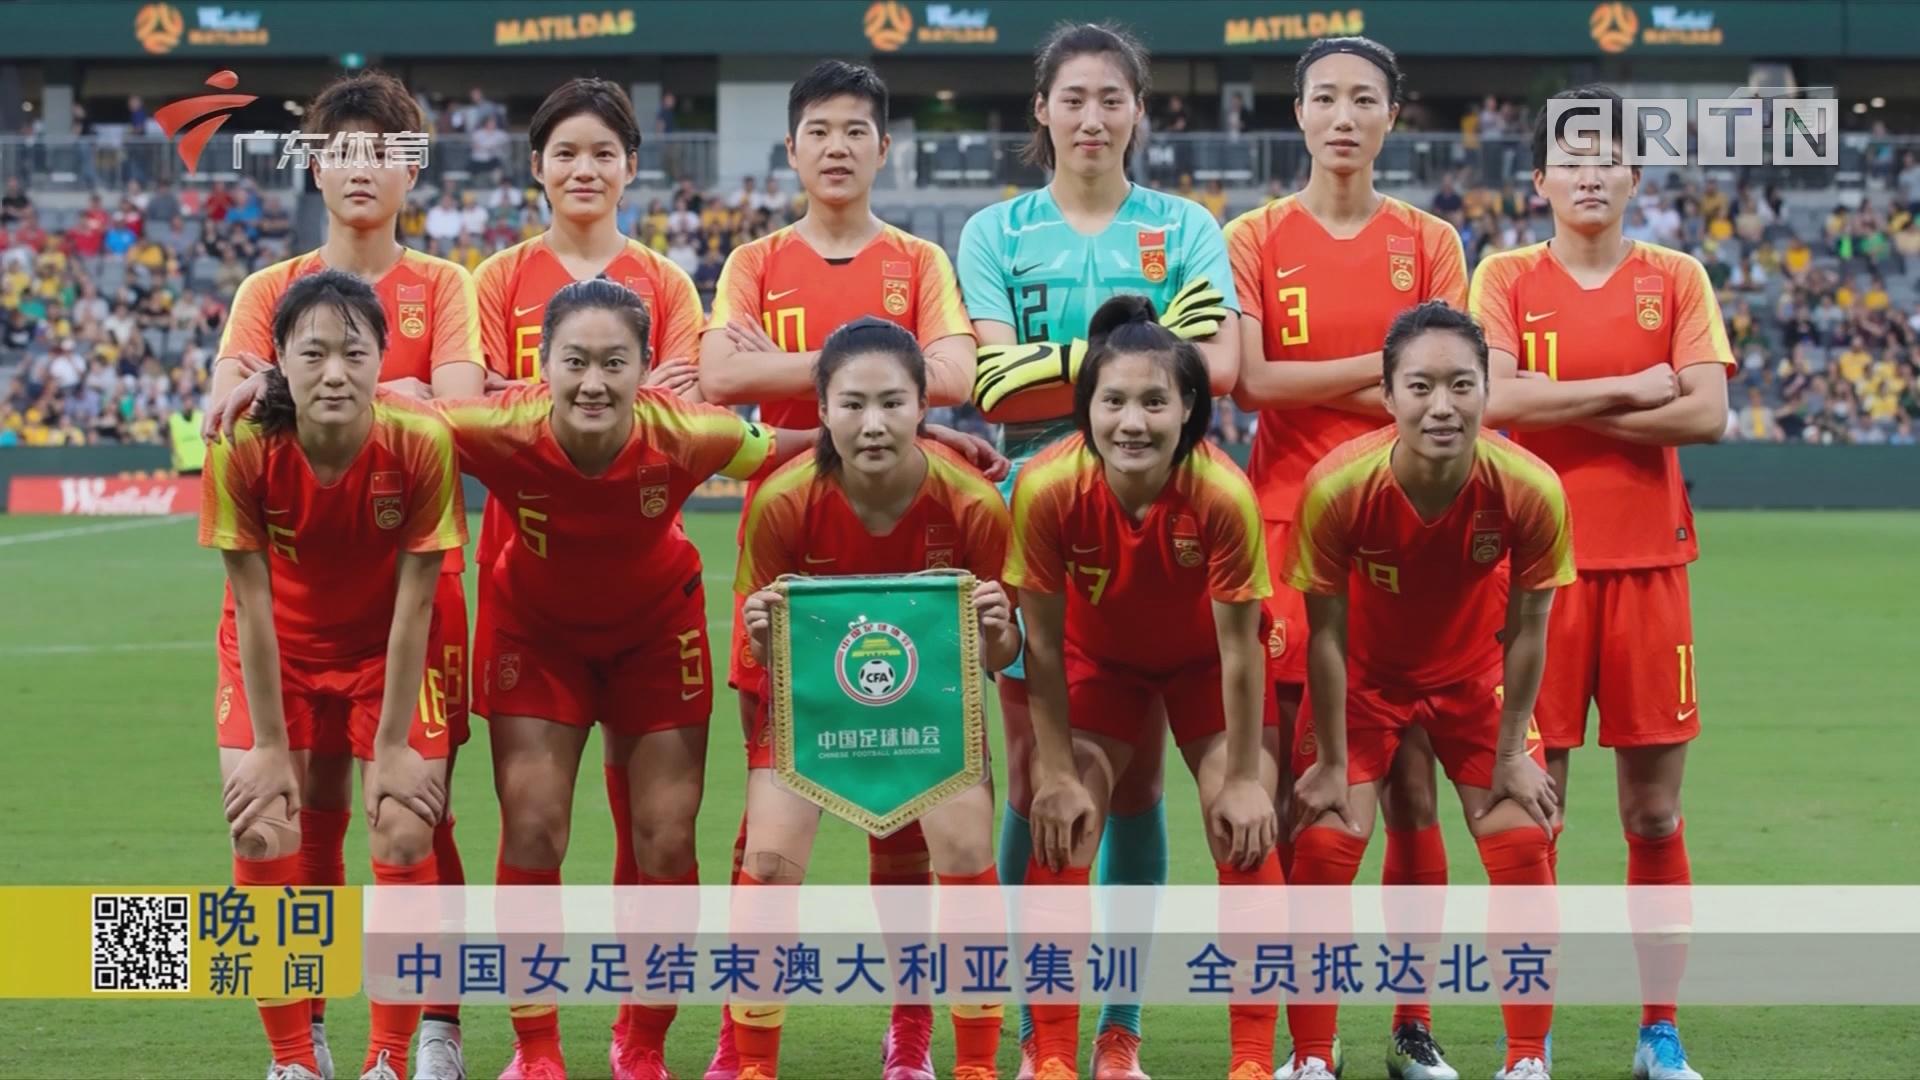 中国女足结束澳大利亚集训 全员抵达北京